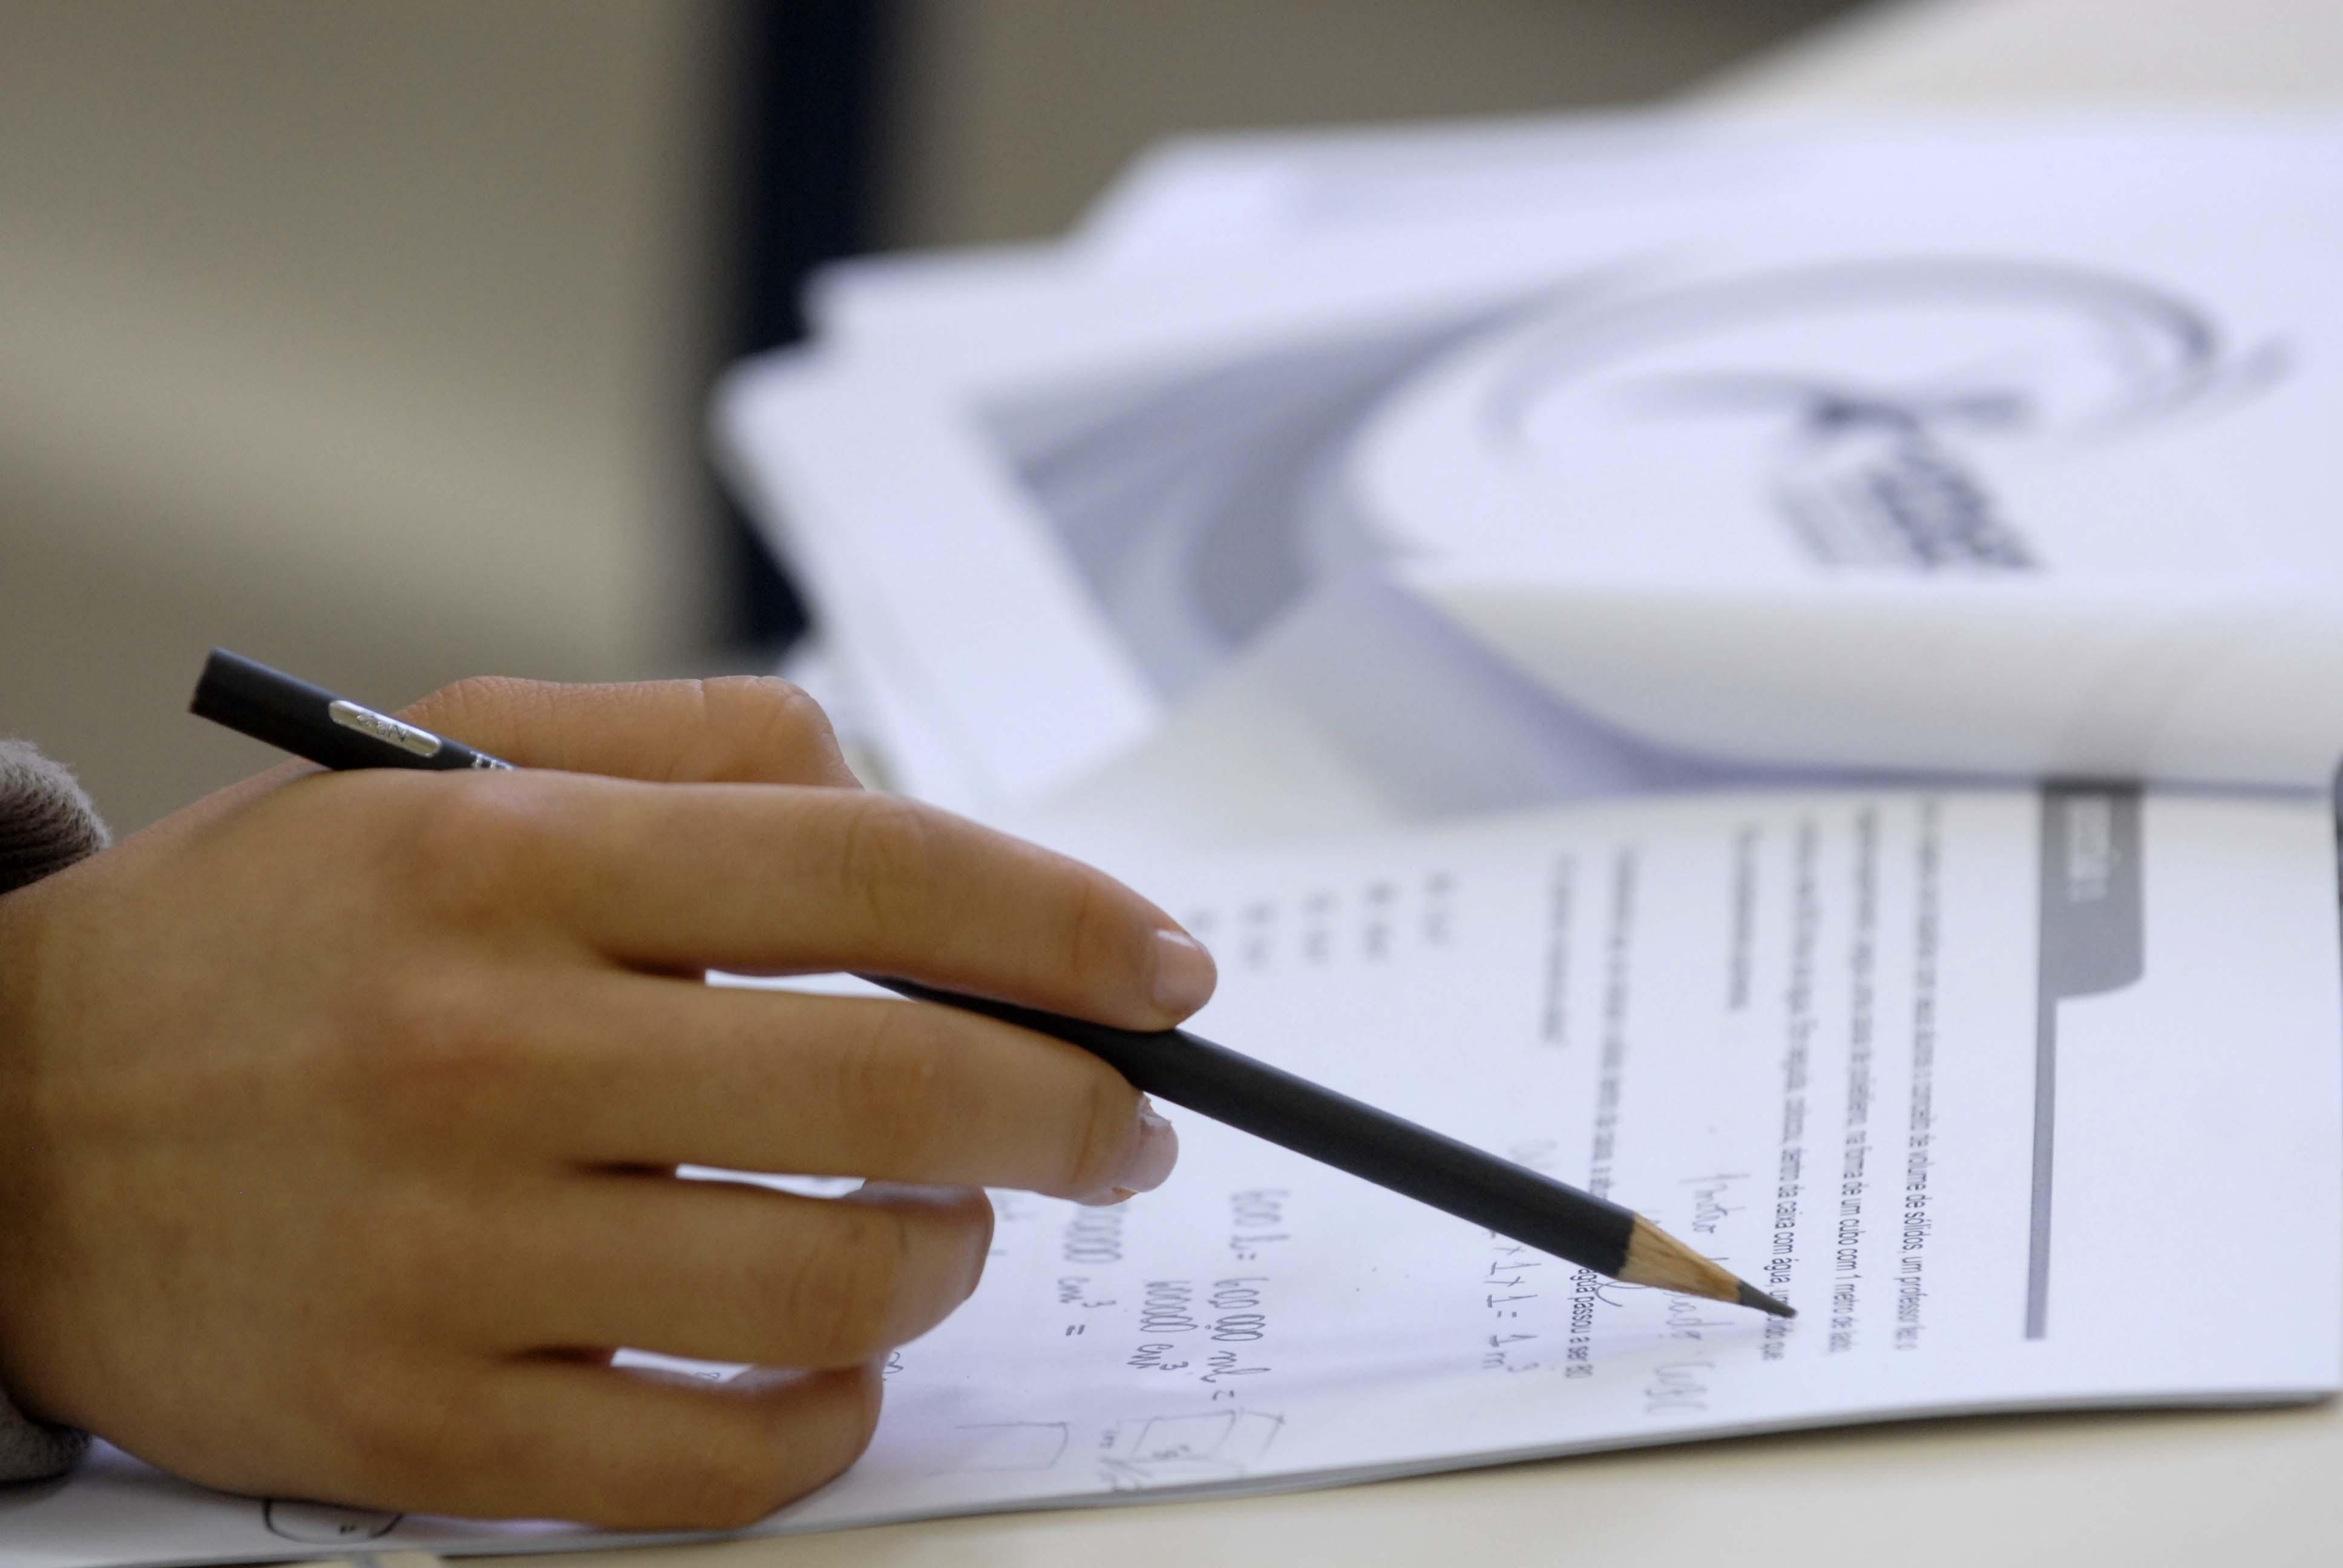 19ª edição do Prêmio Educador Nota 10 dará R$ 15 mil para professores